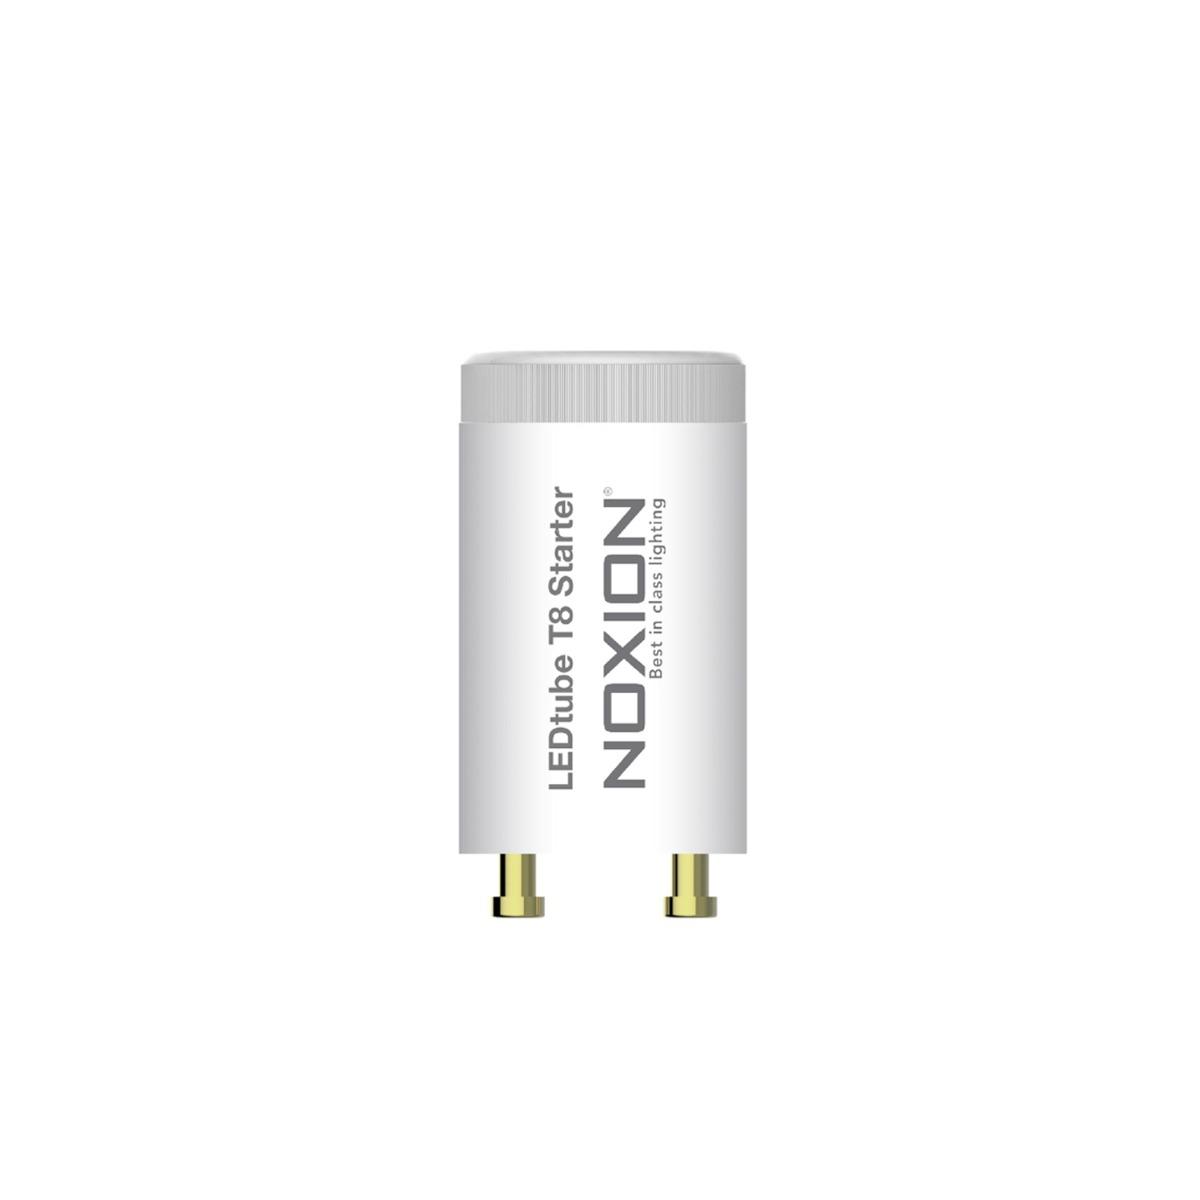 Noxion Avant LEDtube T8 Extreme HO (EM/Direct) Starter